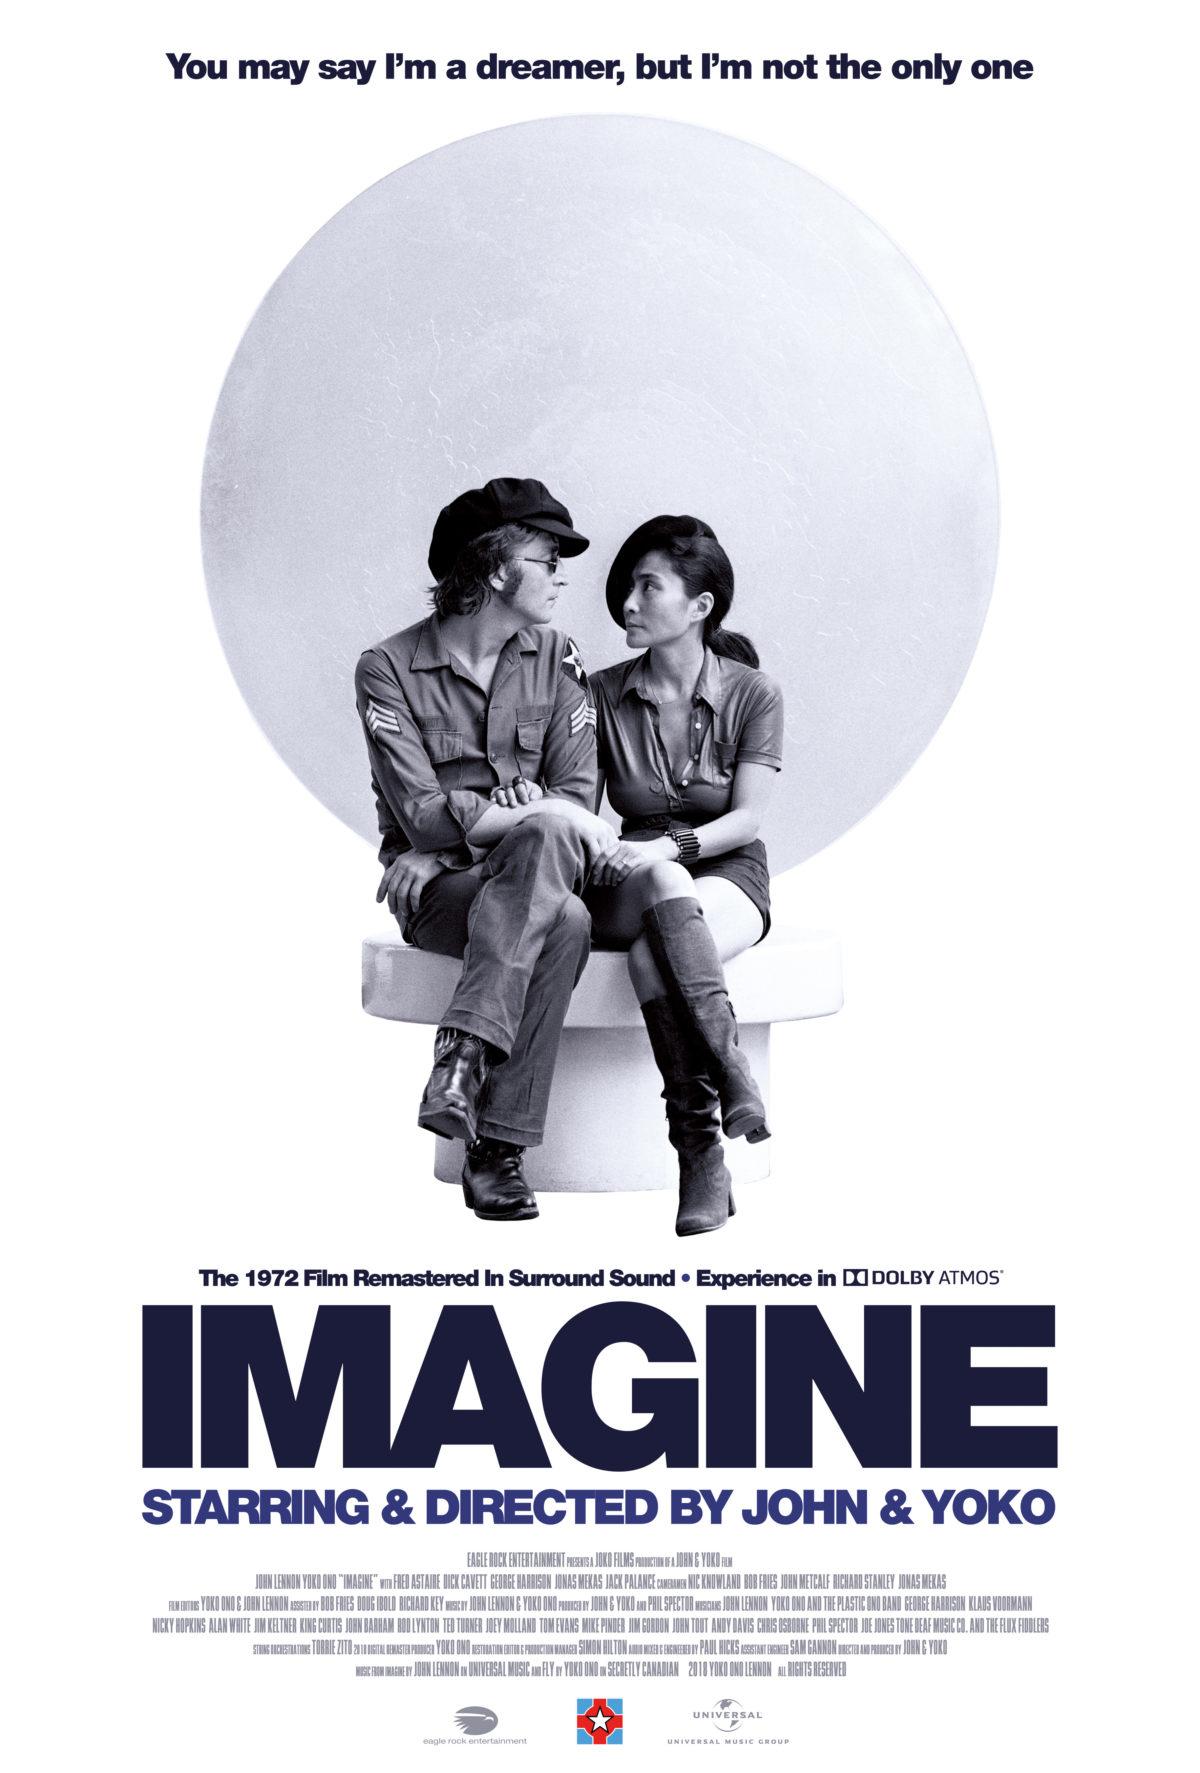 Yoko vyhlásila celosvětovou Imagine party